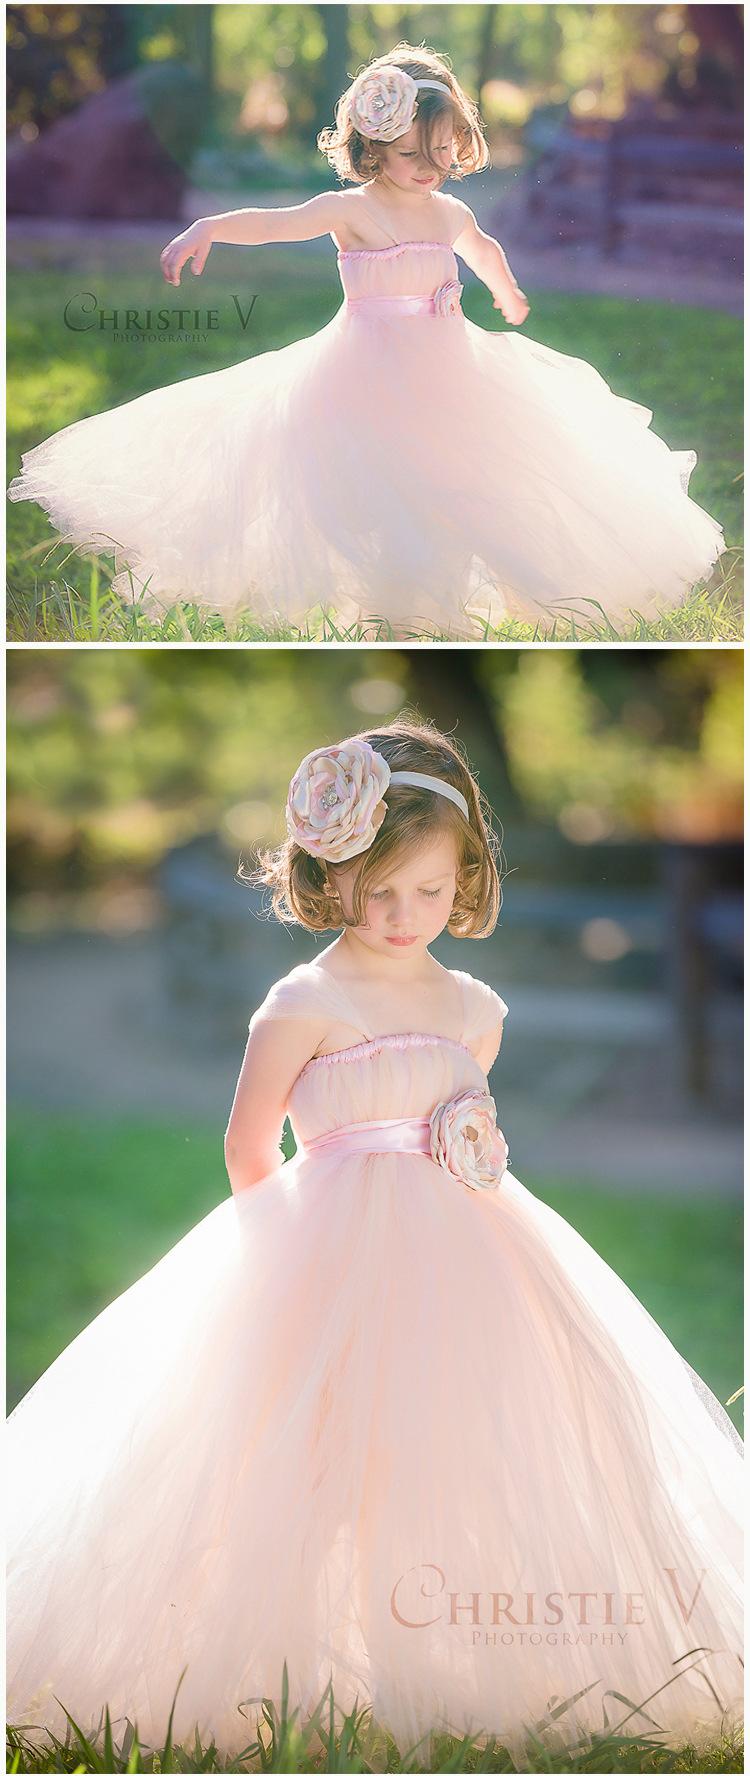 Скидки на Дети свадебное платье длинные темно-2017 плюс размер малышей девушки принцесса синий белый розовый цветок платья бальное платье высокое качество